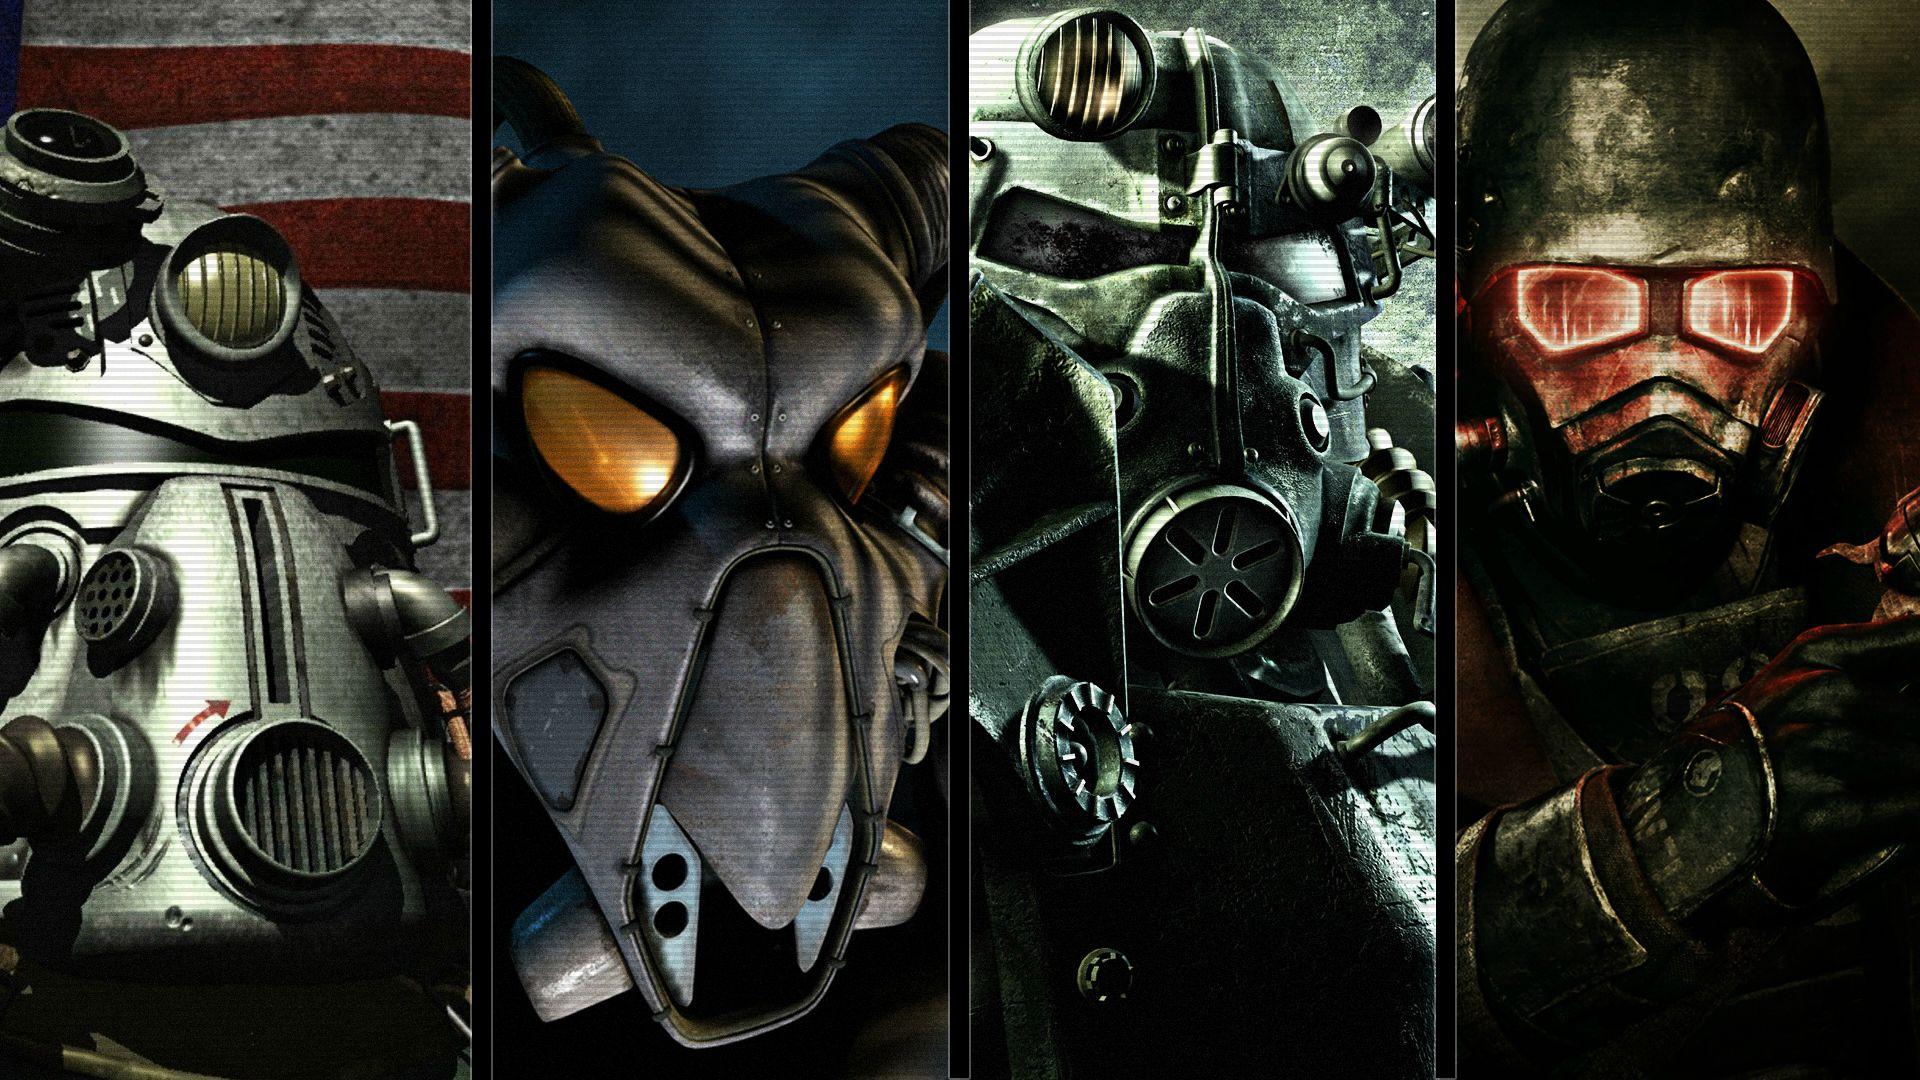 Fallout 3 HD Desktop Wallpaper Widescreen High Definition